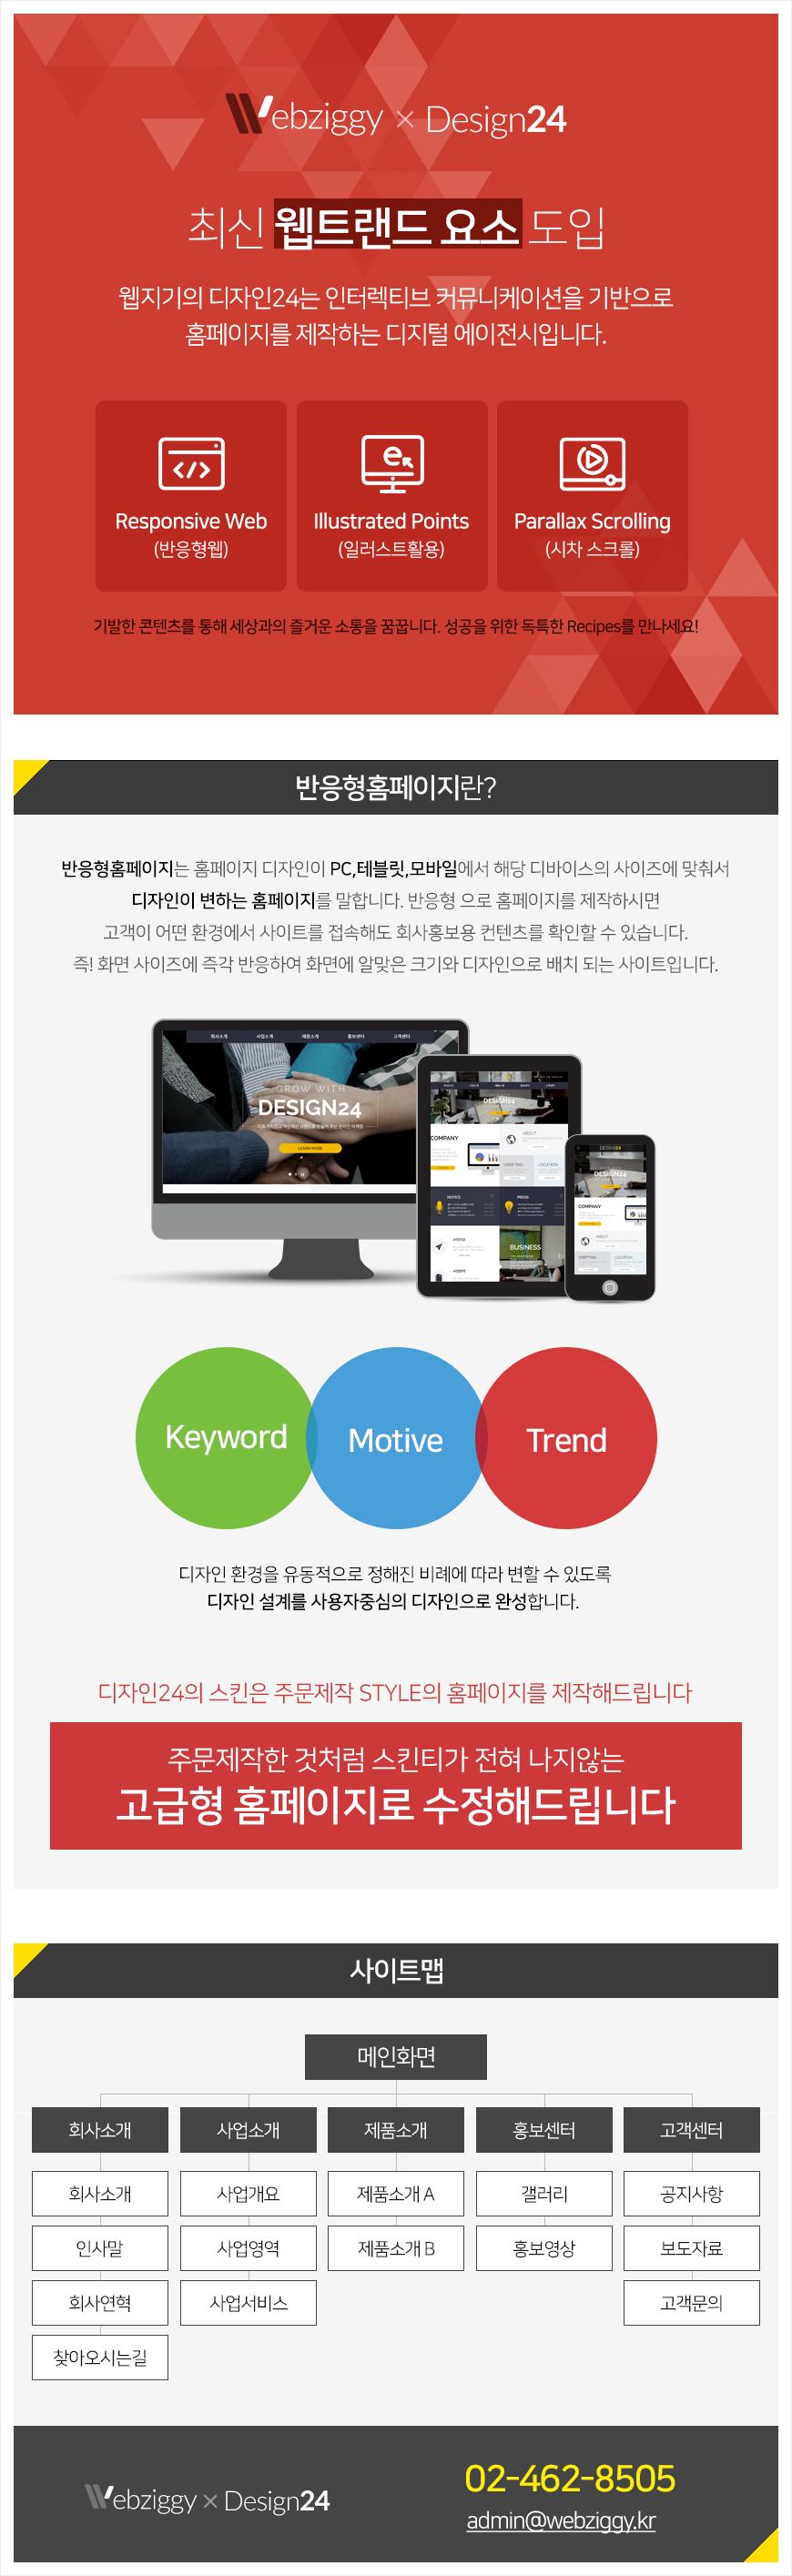 웹지기 디자인24 상세 설명